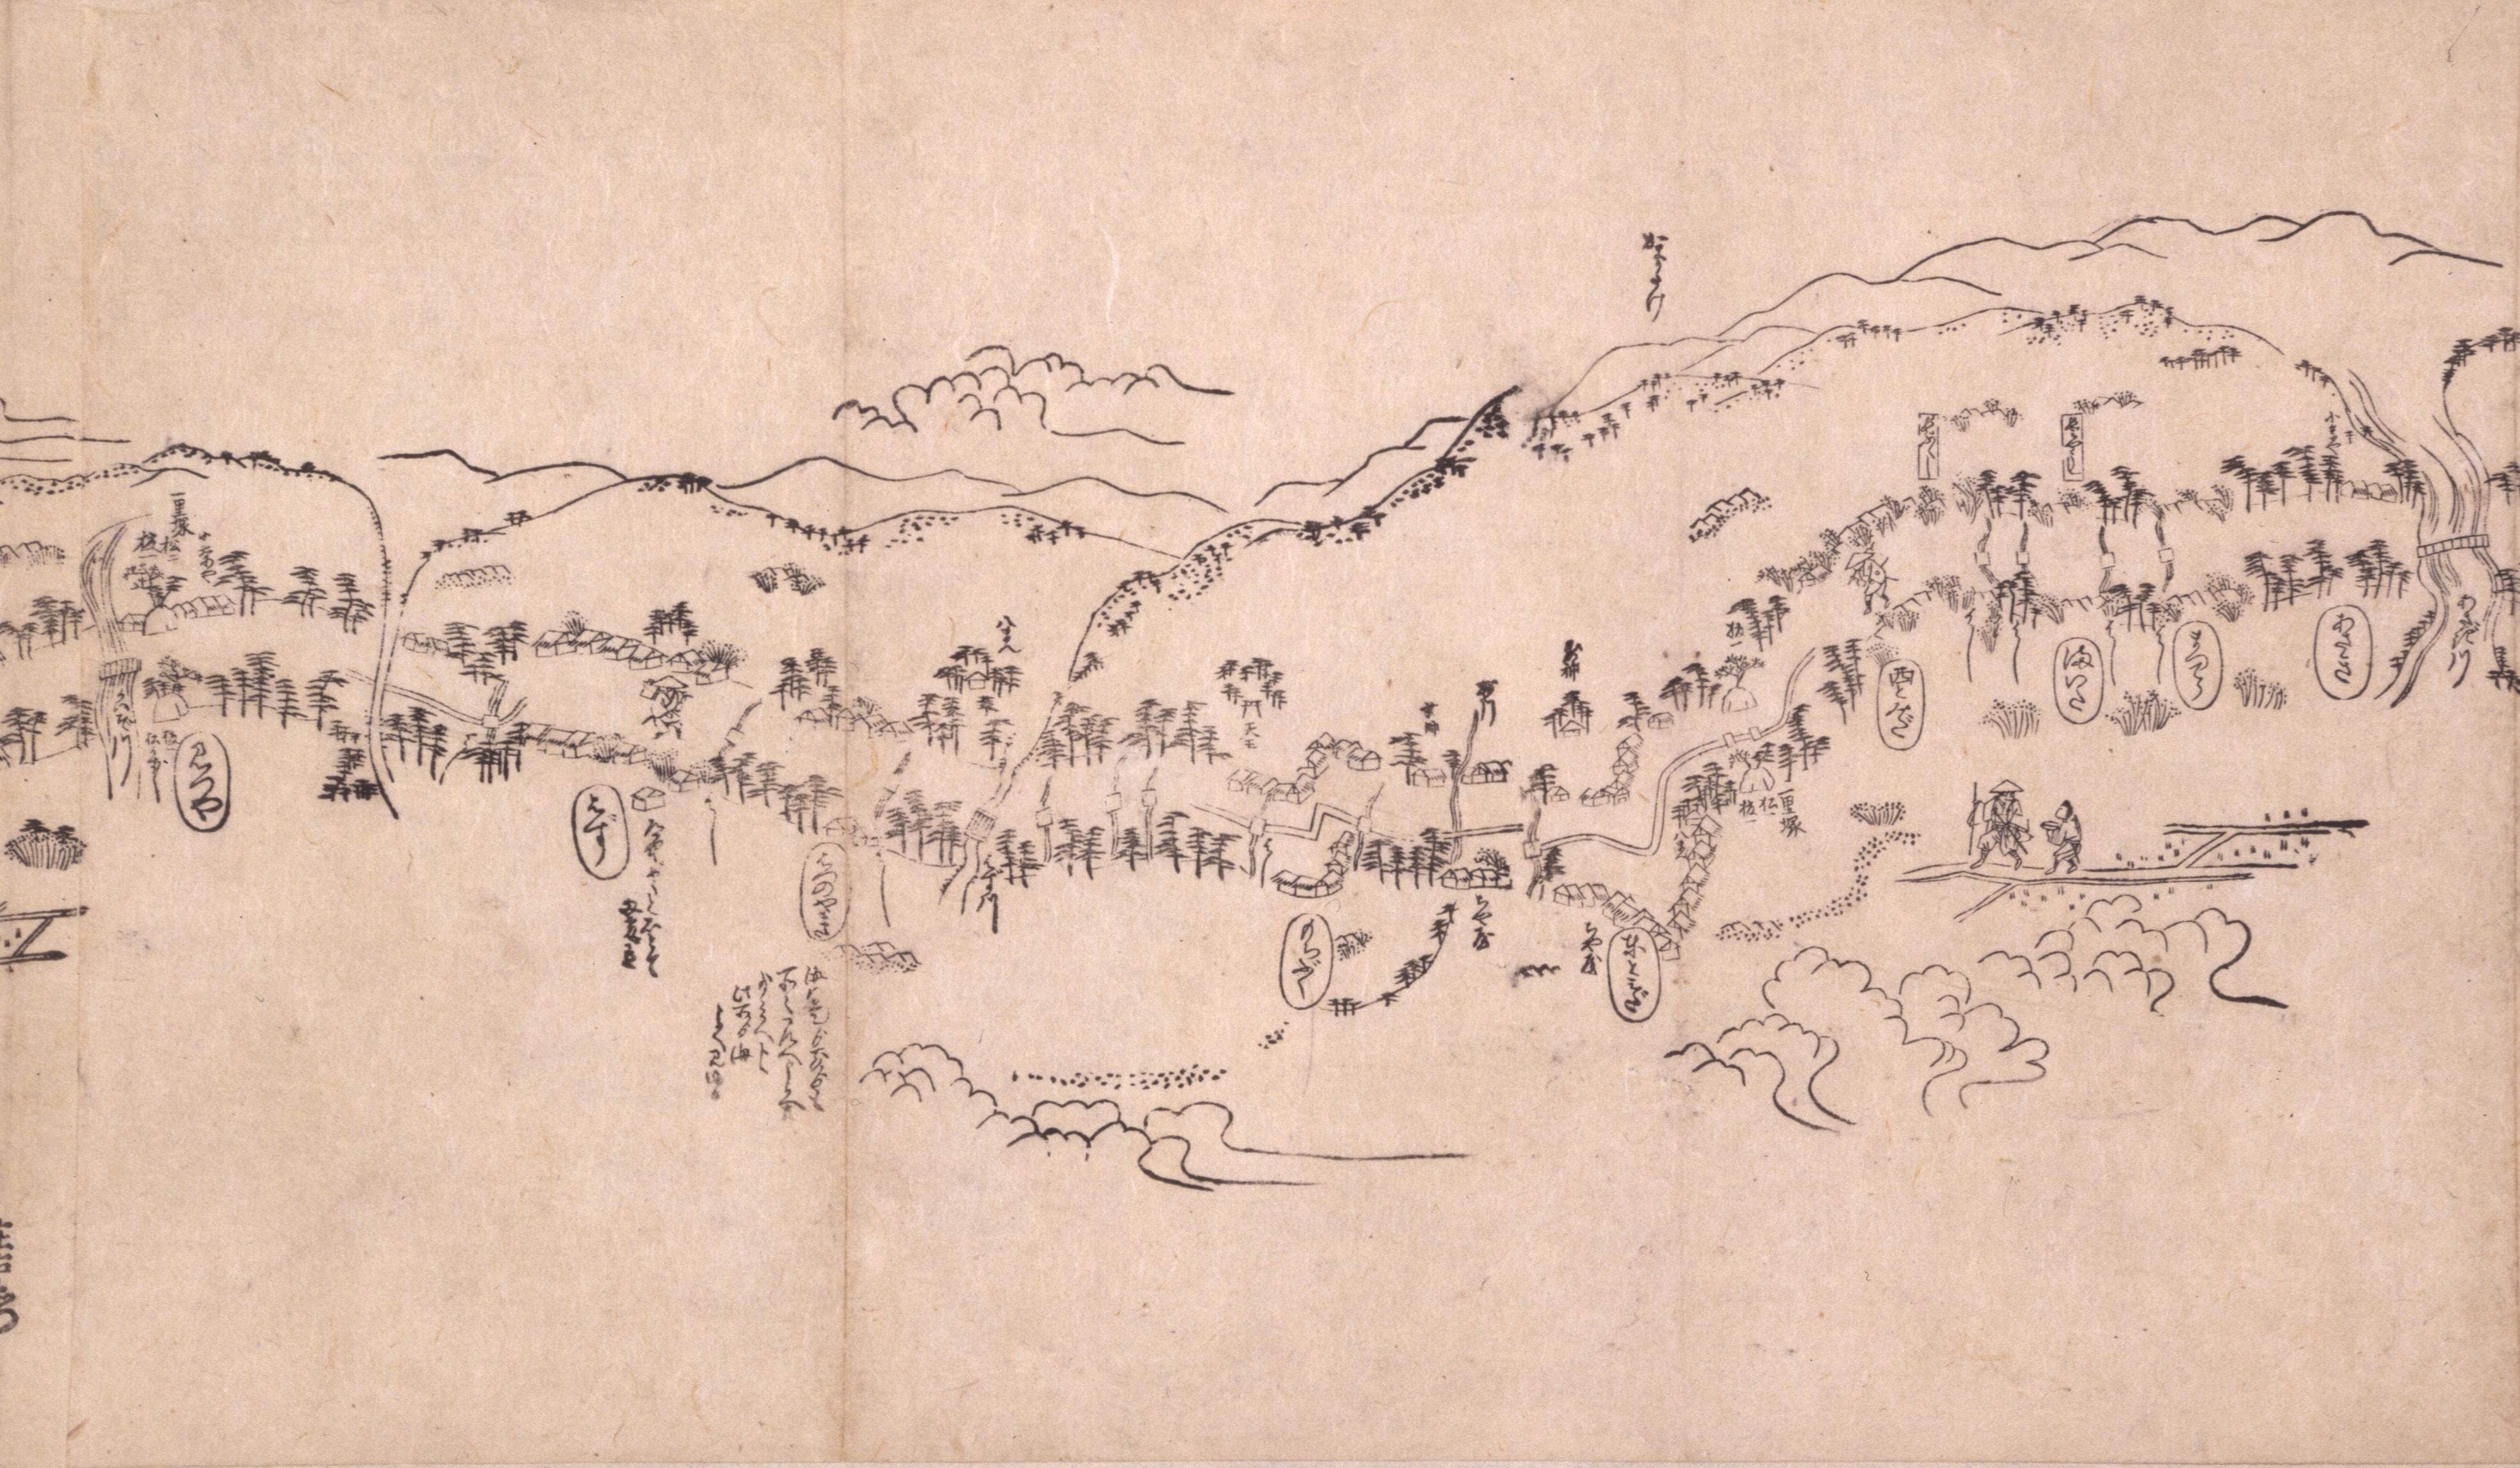 東海道分間之図 六十三